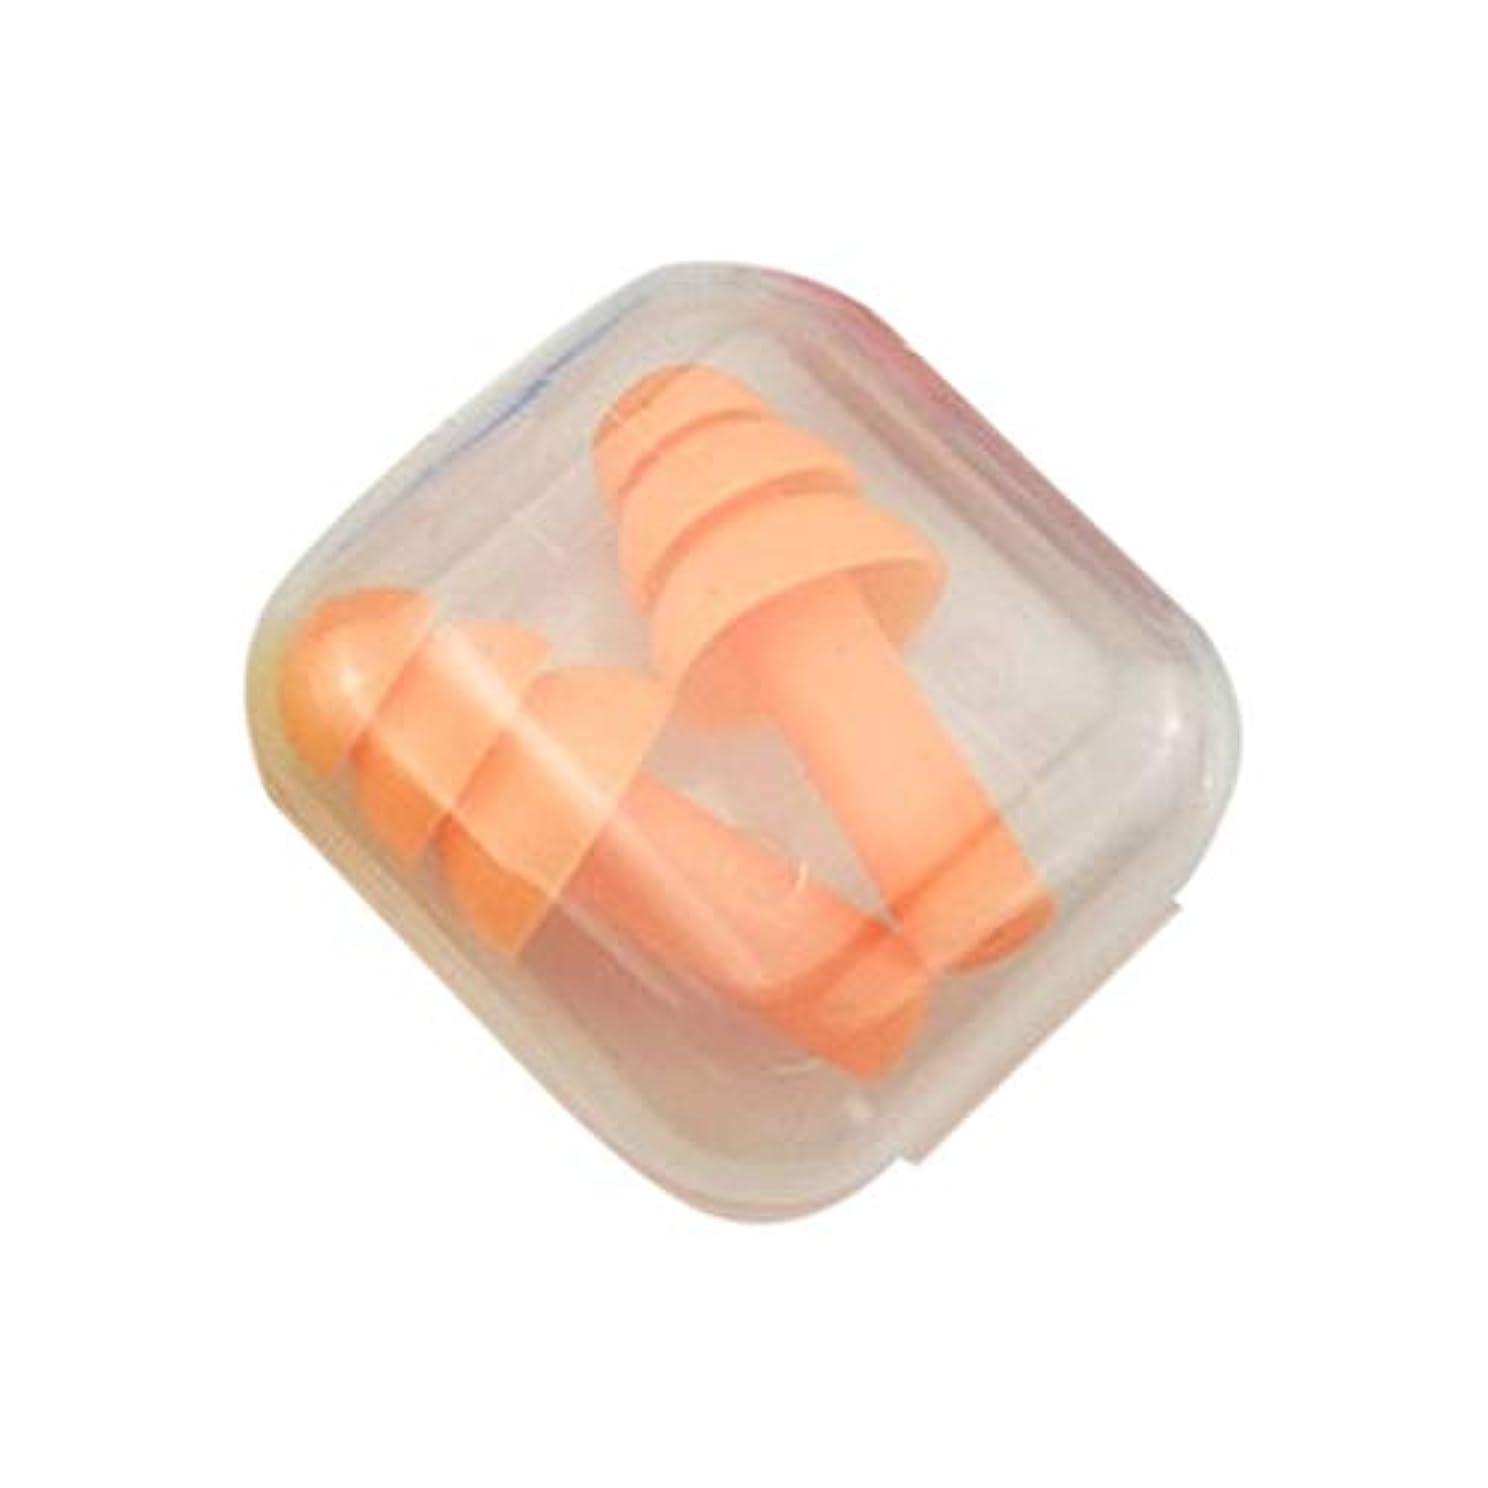 アナログトランクライブラリ船柔らかいシリコーンの耳栓遮音用耳の保護用の耳栓防音睡眠ボックス付き収納ボックス - オレンジ